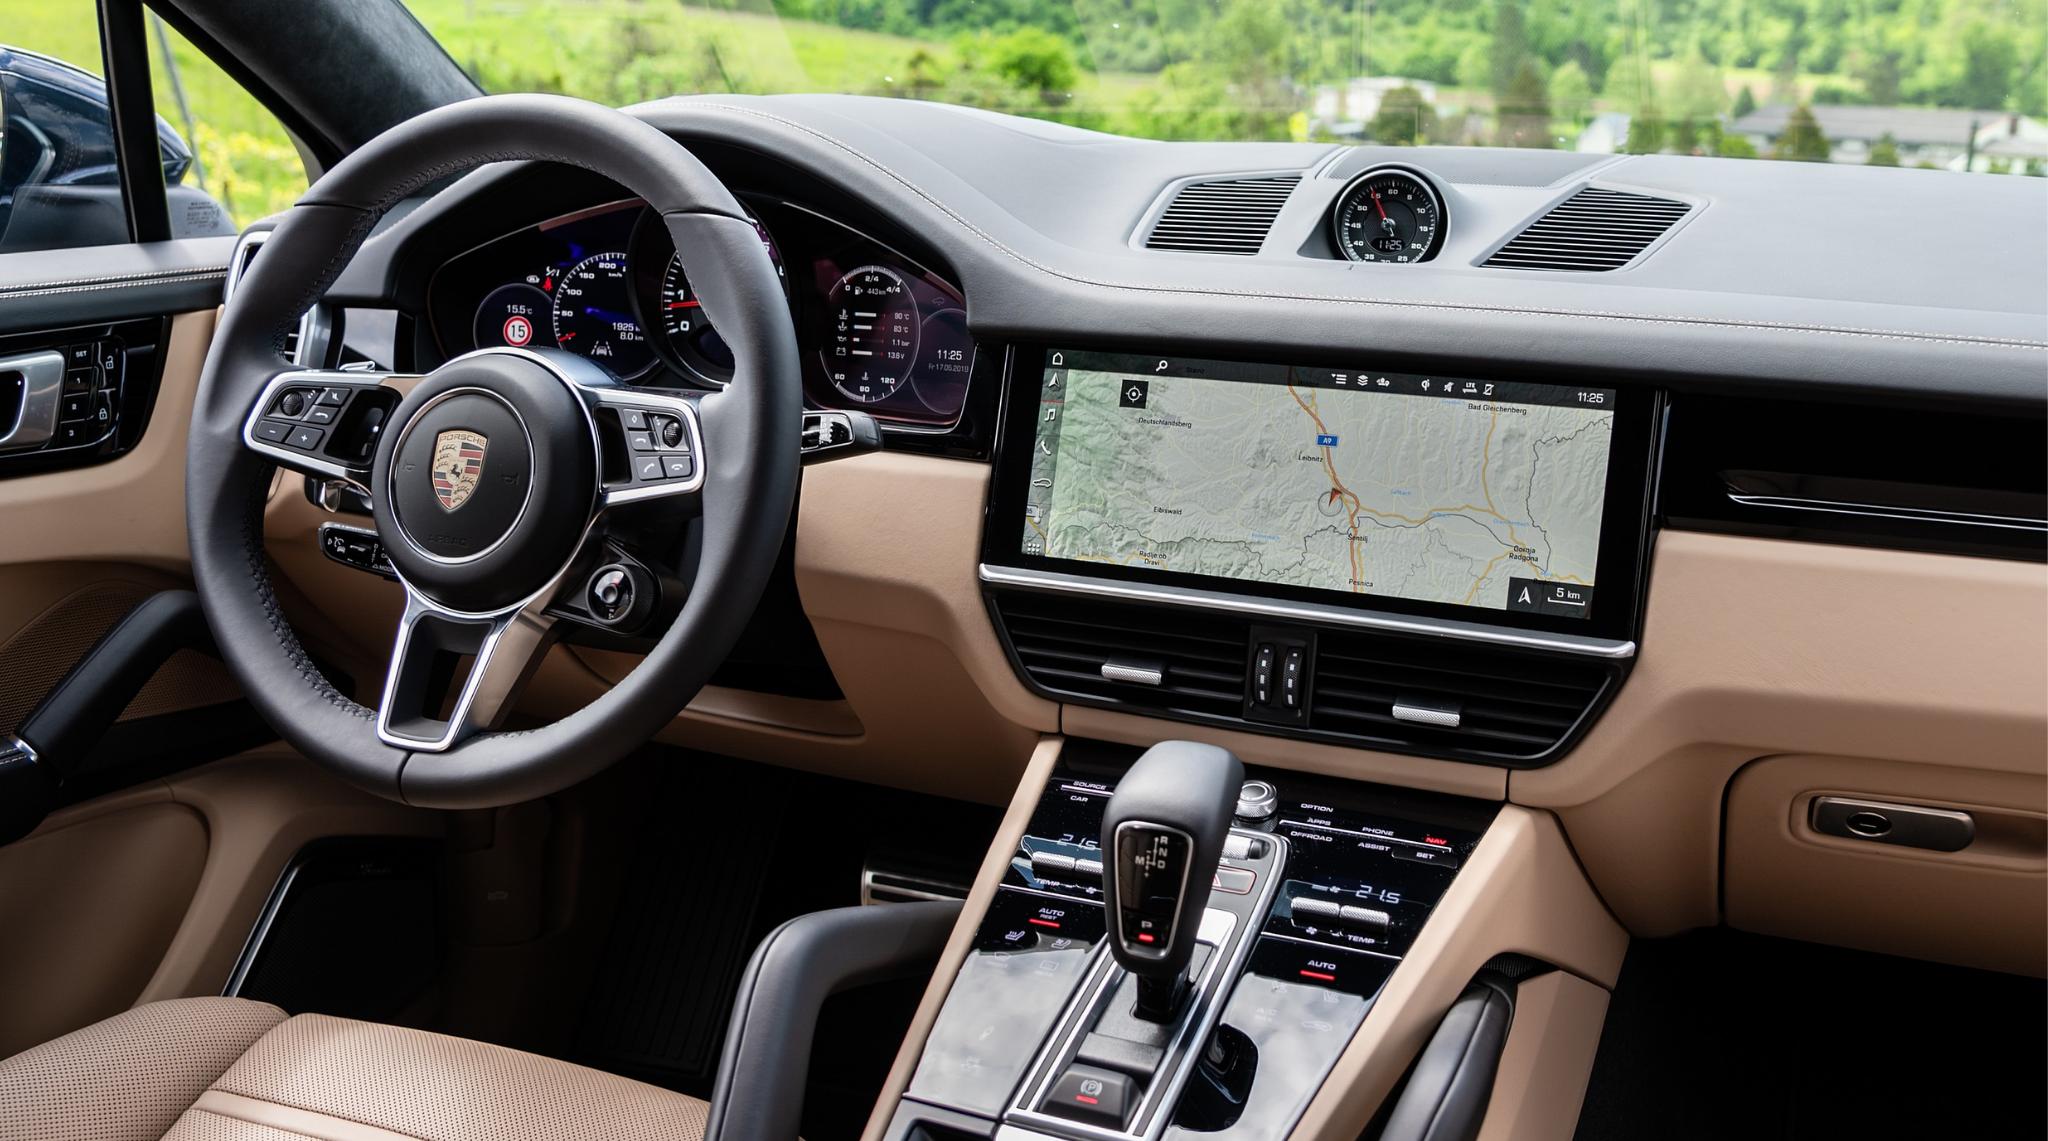 Porsche Cayenne Interior 2020